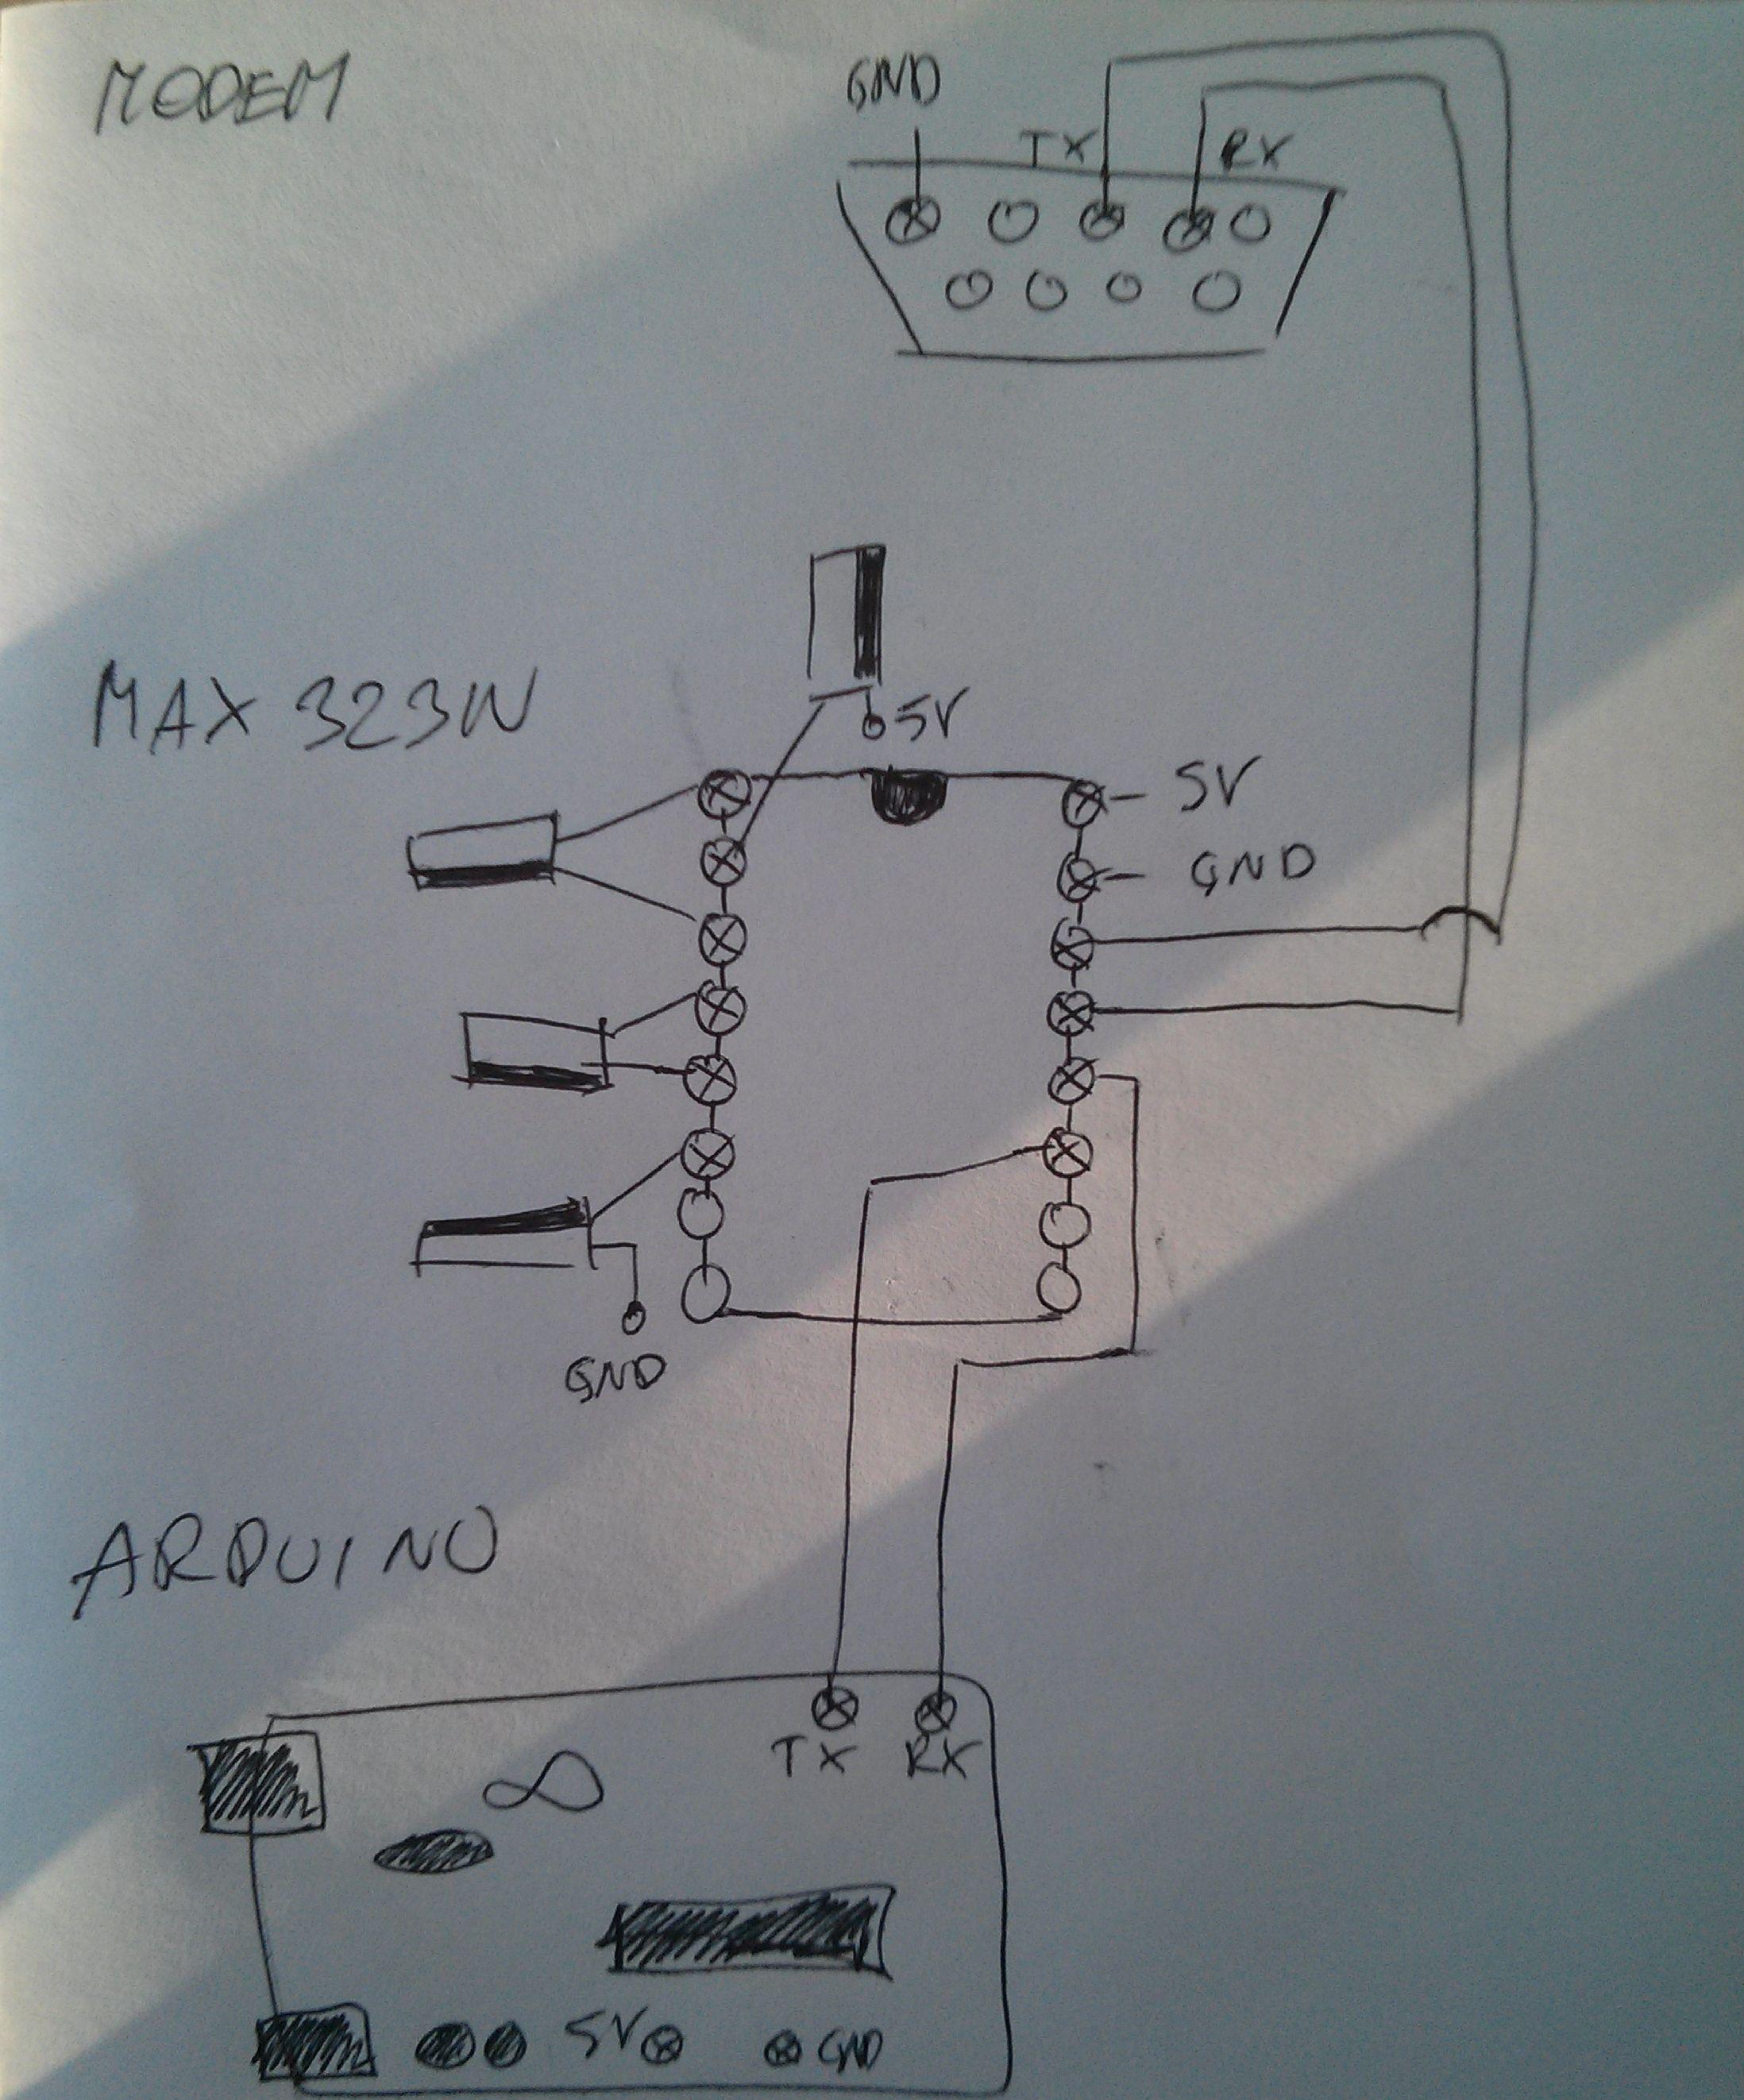 schemat_arduino_sms_modem